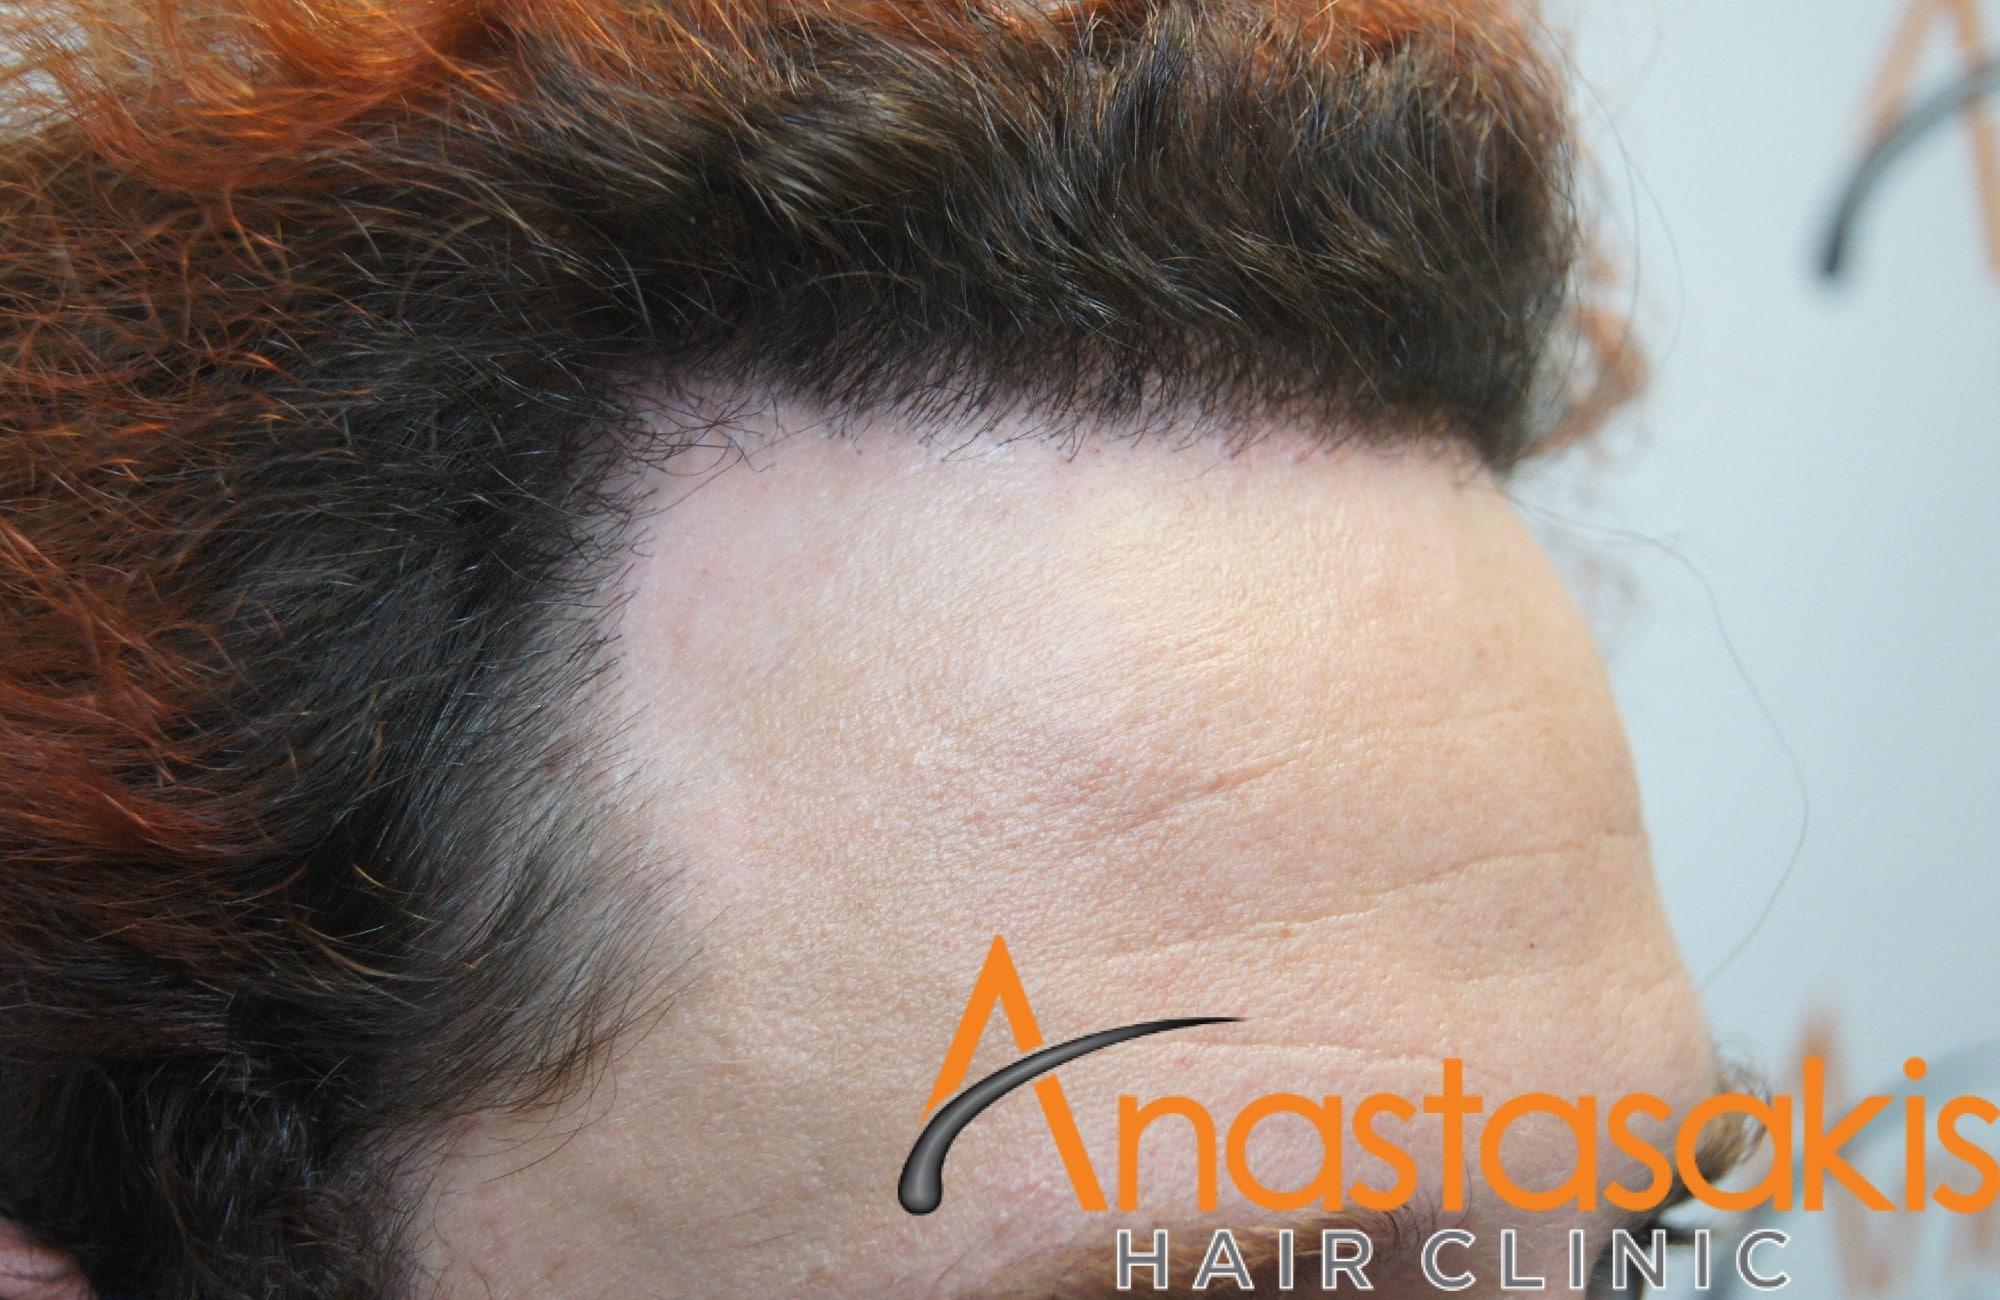 δεξης κροταφος ασθενούς μετα τη μεταμόσχευση μαλλιων με 2200 Fus